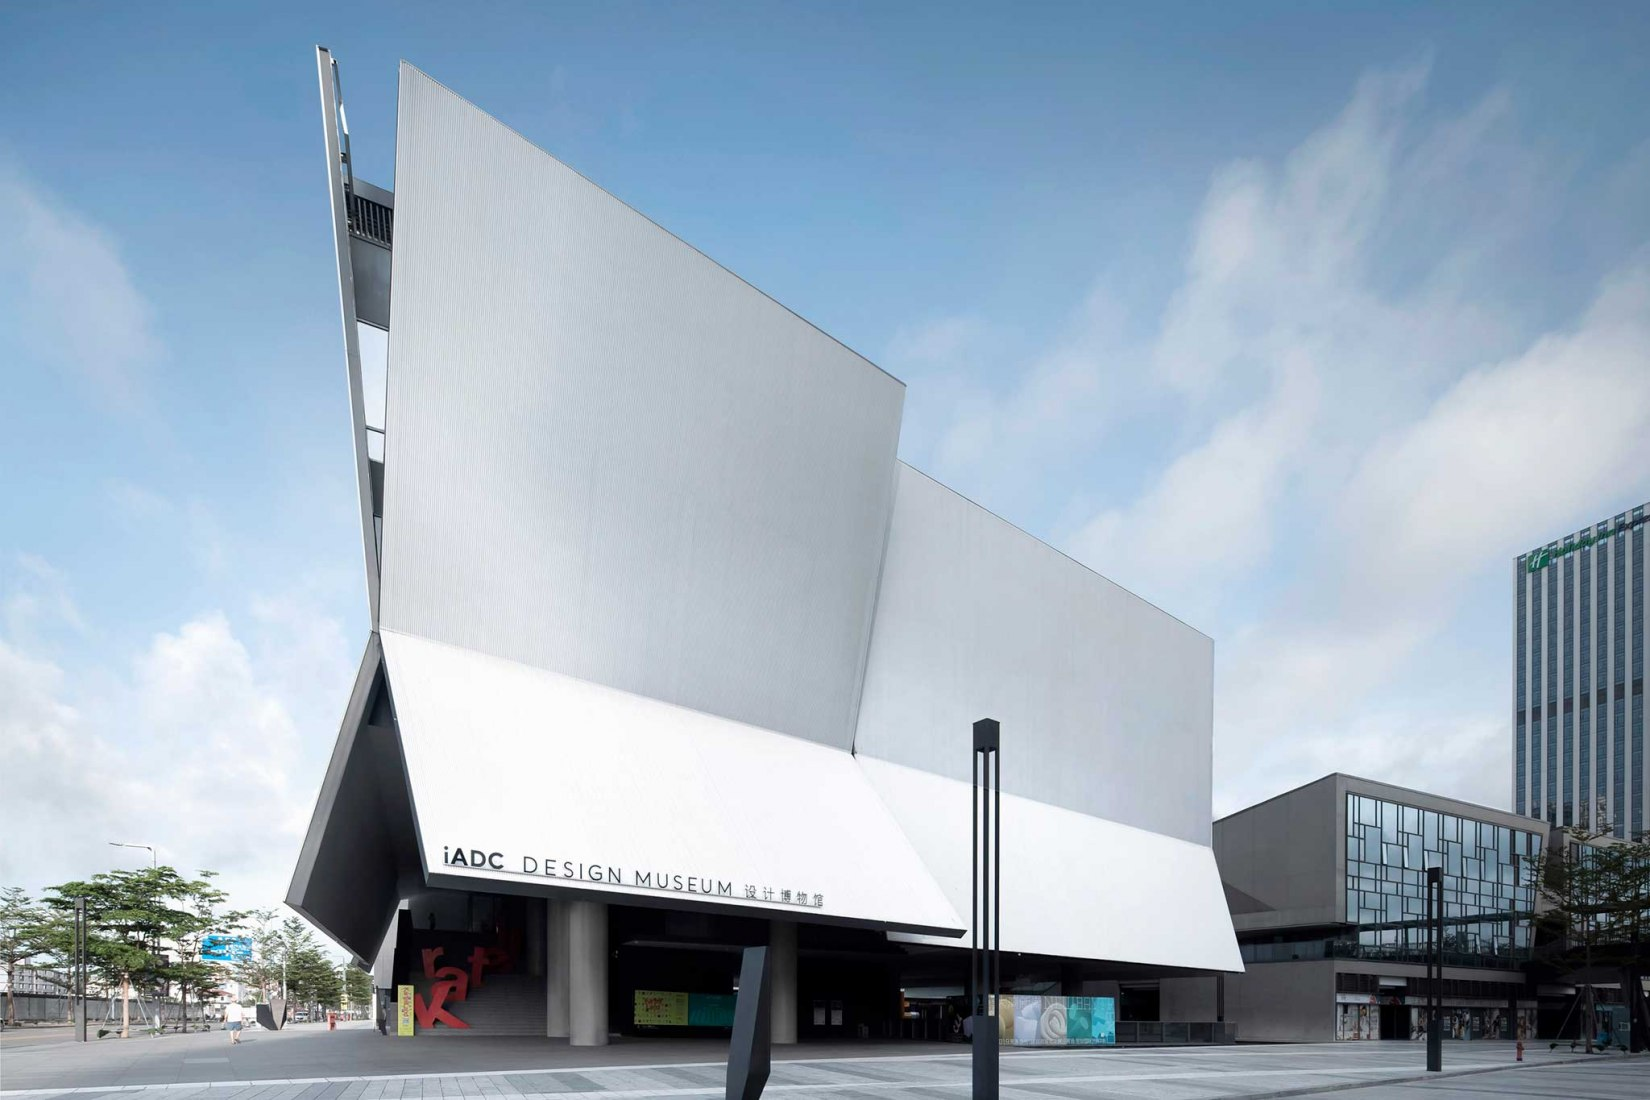 iADC Design Museum por Rocco Design Architects. Fotografía por Henry He